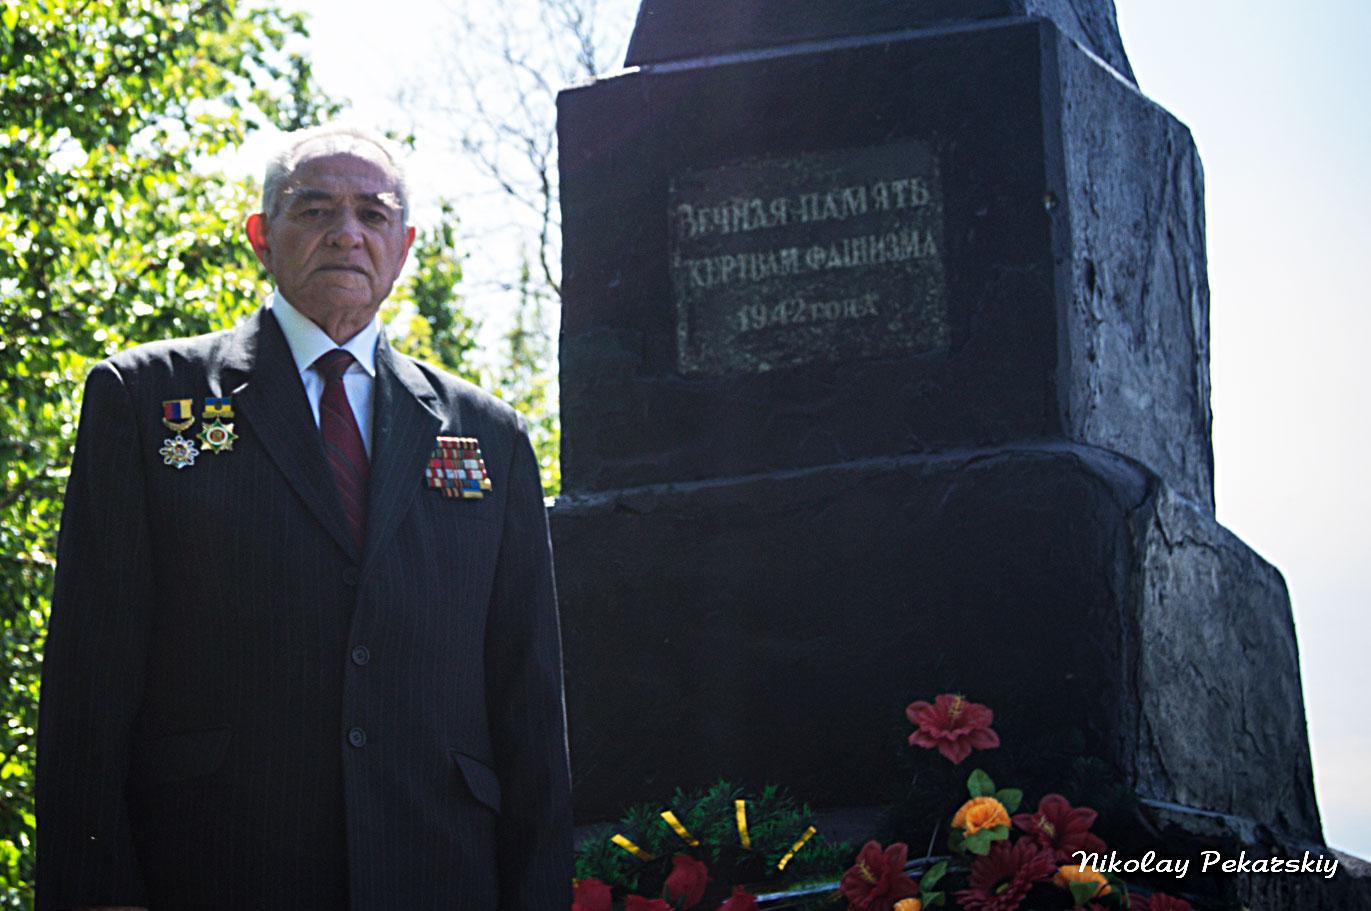 Воспоминания об А.П.ВАЙНЕРЕ (22 апреля1927 г. – 17 октября 2020 г.). Евгения Шейнман